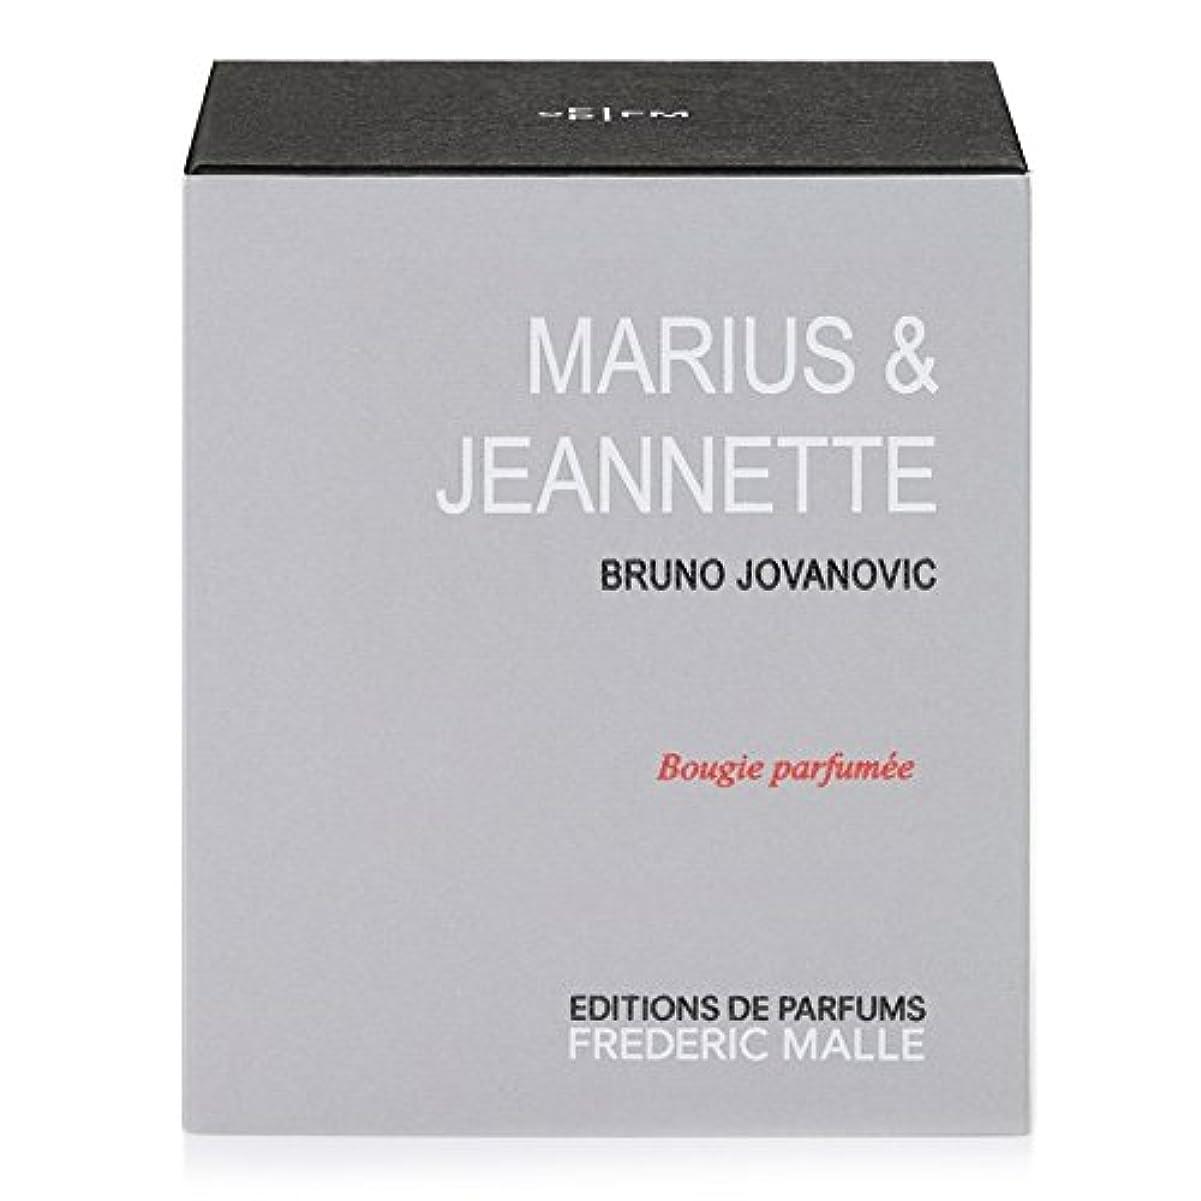 相関する悪魔兵士フレデリック?マル とジャネット?香りのキャンドル x6 - Frederic Malle Maruis and Jeanette Scented Candle (Pack of 6) [並行輸入品]